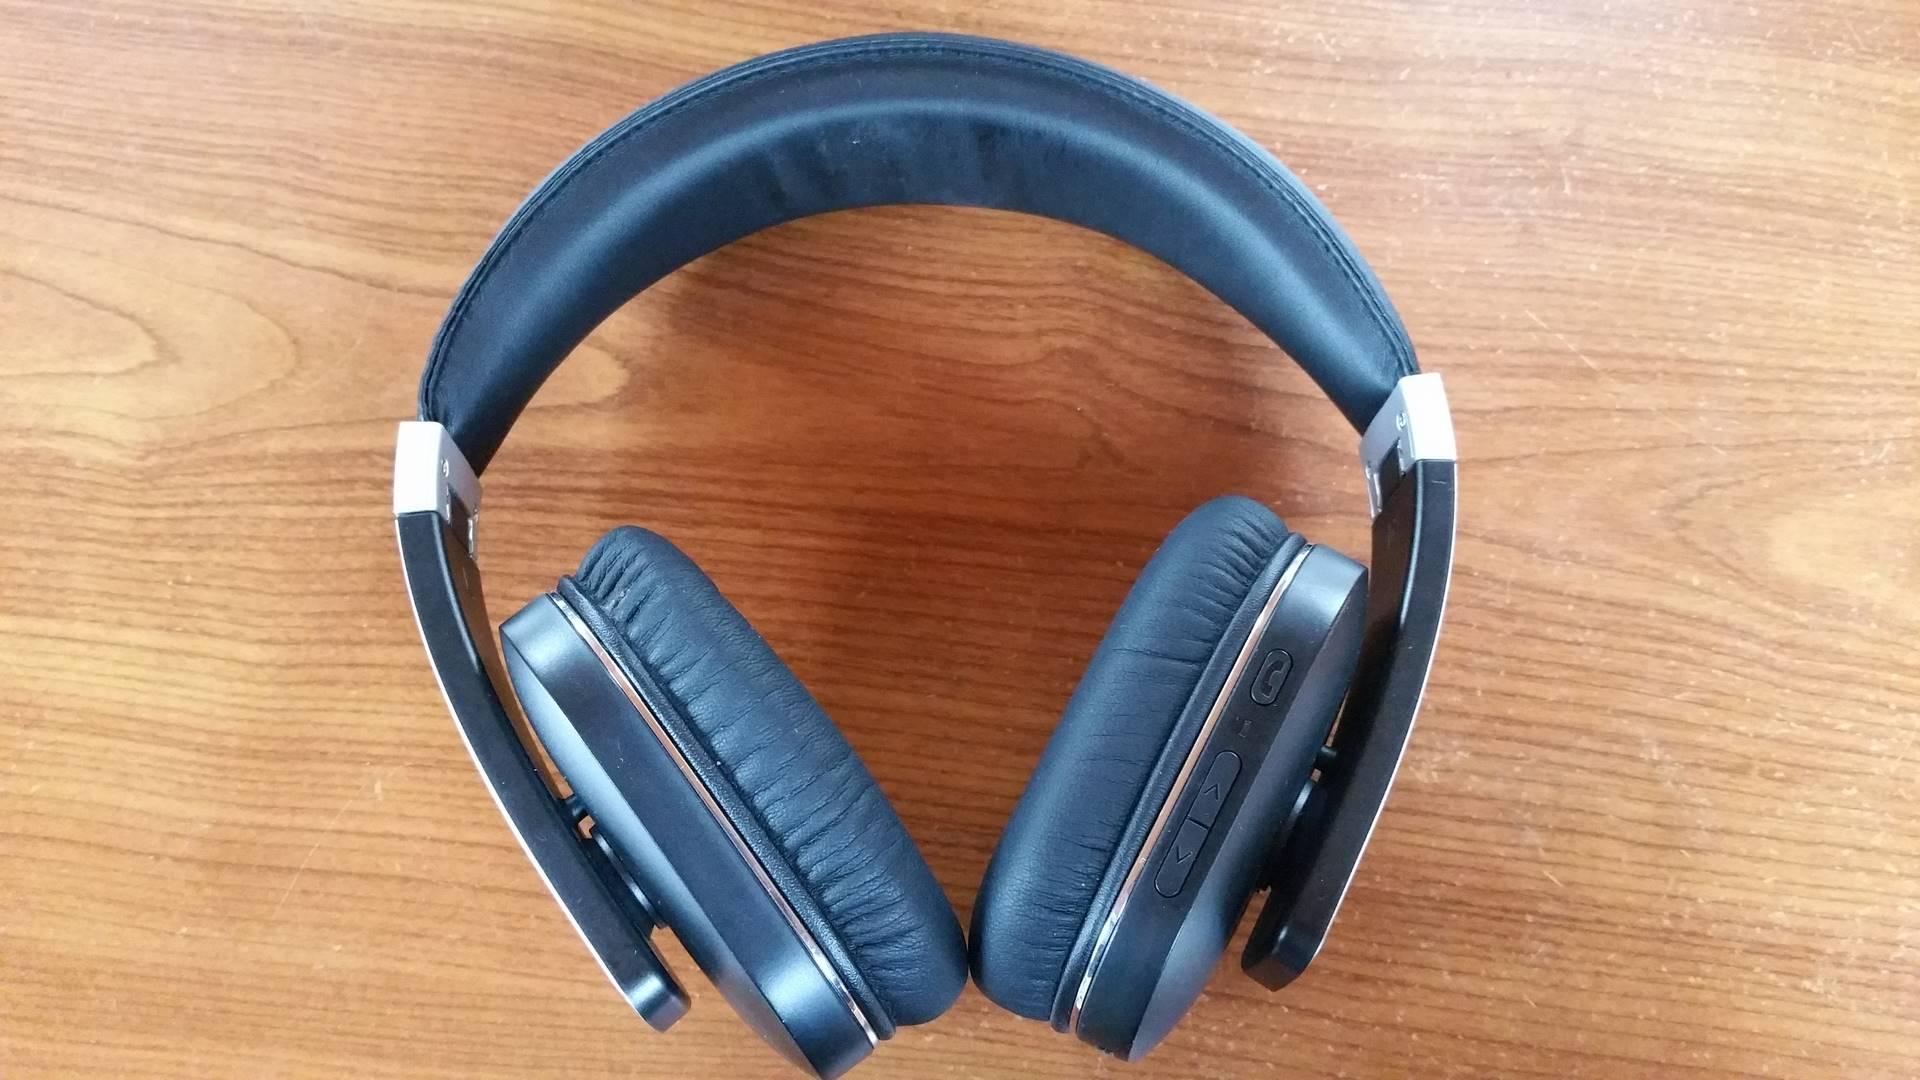 Test du casque audio à technologie bluetooth 4.0 Audiomax HB-8A